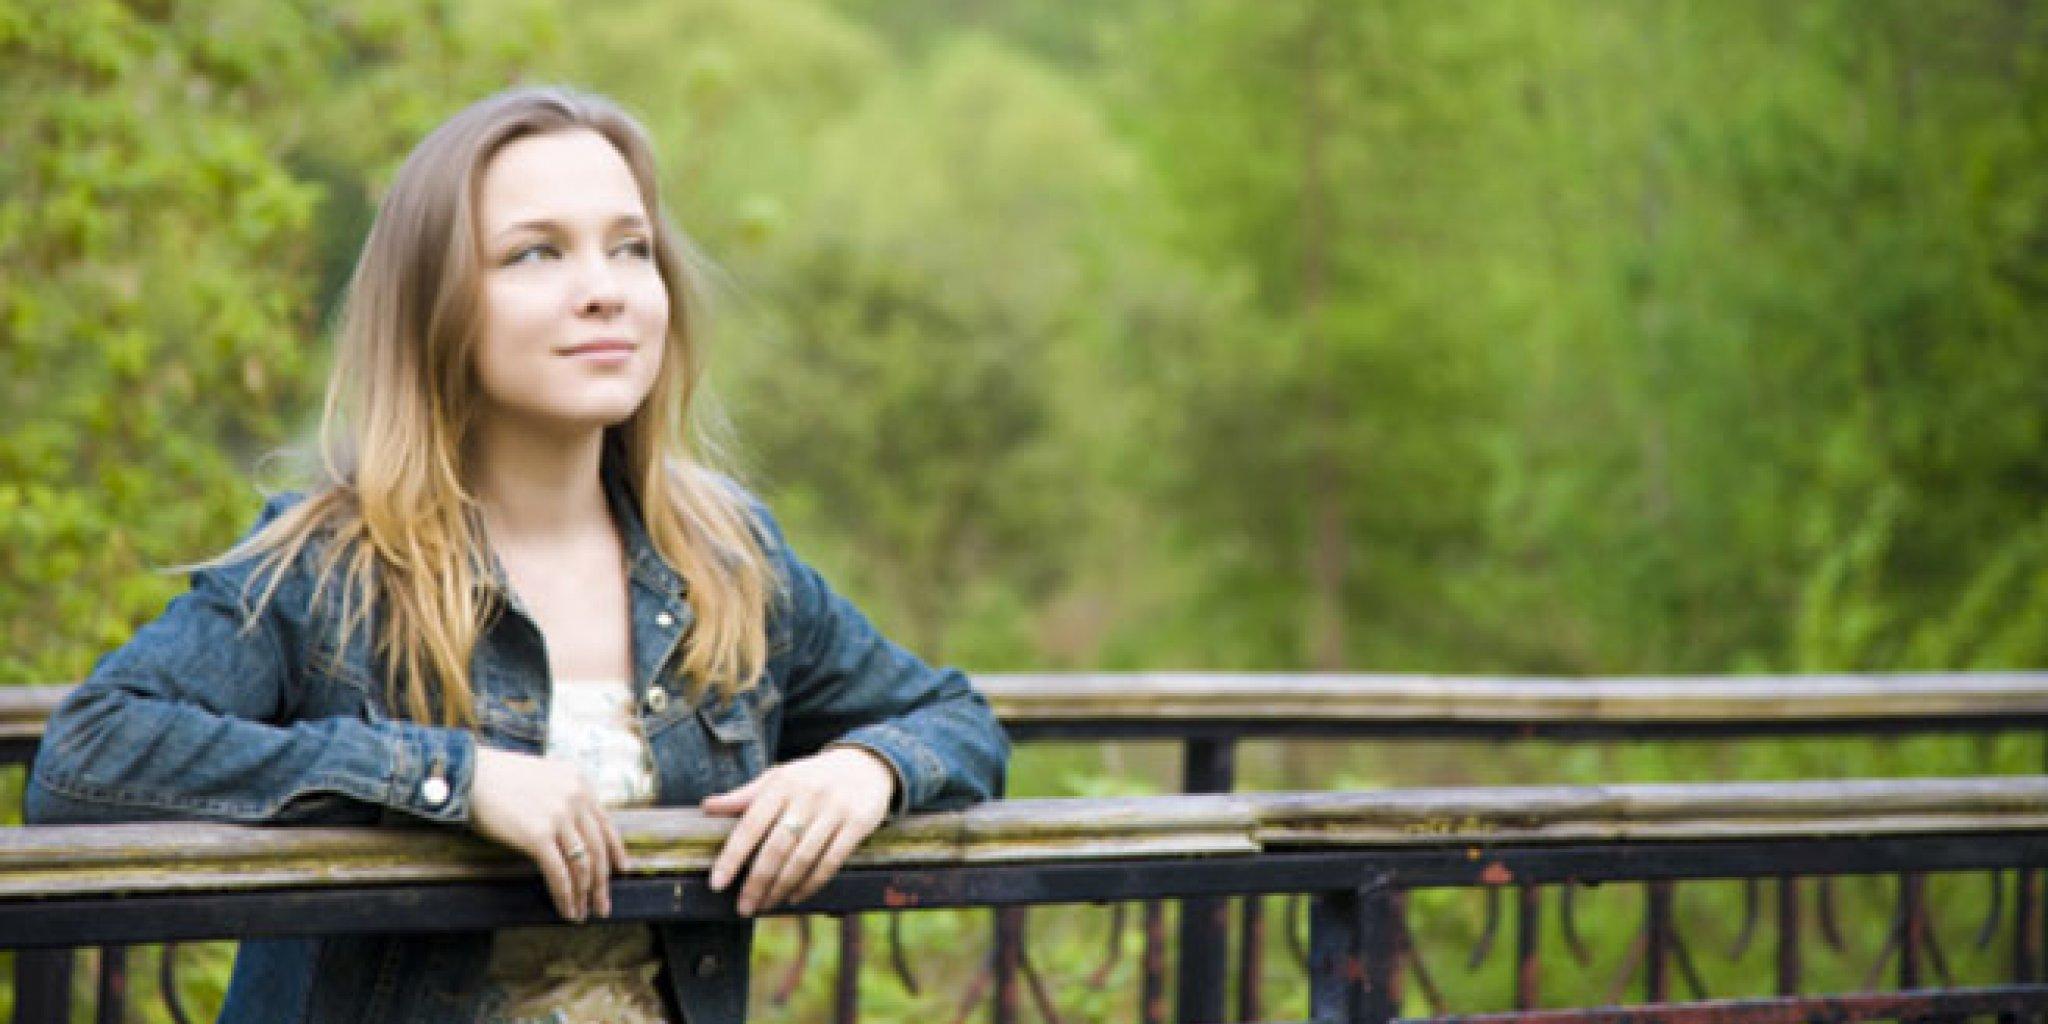 """10 สิ่งที่คุณไม่ควร """" รู้สึกผิด """" หรือ """" เสียใจ """" ไปกับมัน 🤔😒🙏🏻🚫❌"""